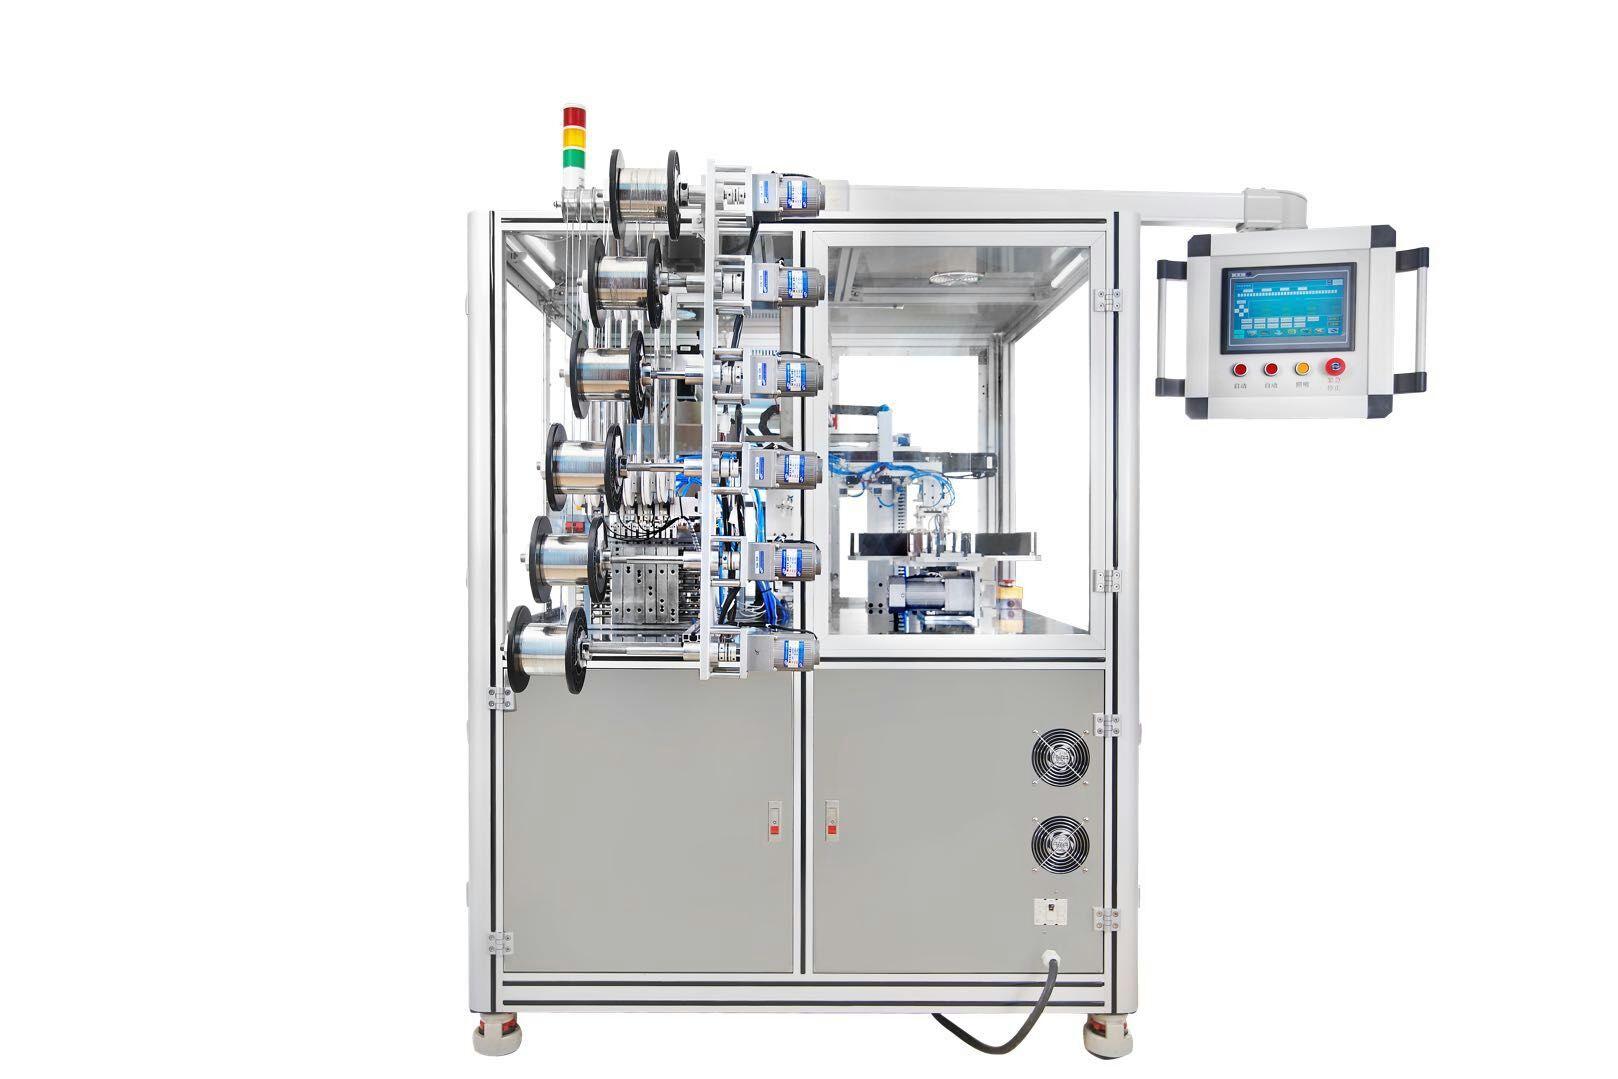 自动串焊机厂家供应-想买好用的自动串焊机,就来红海新机电